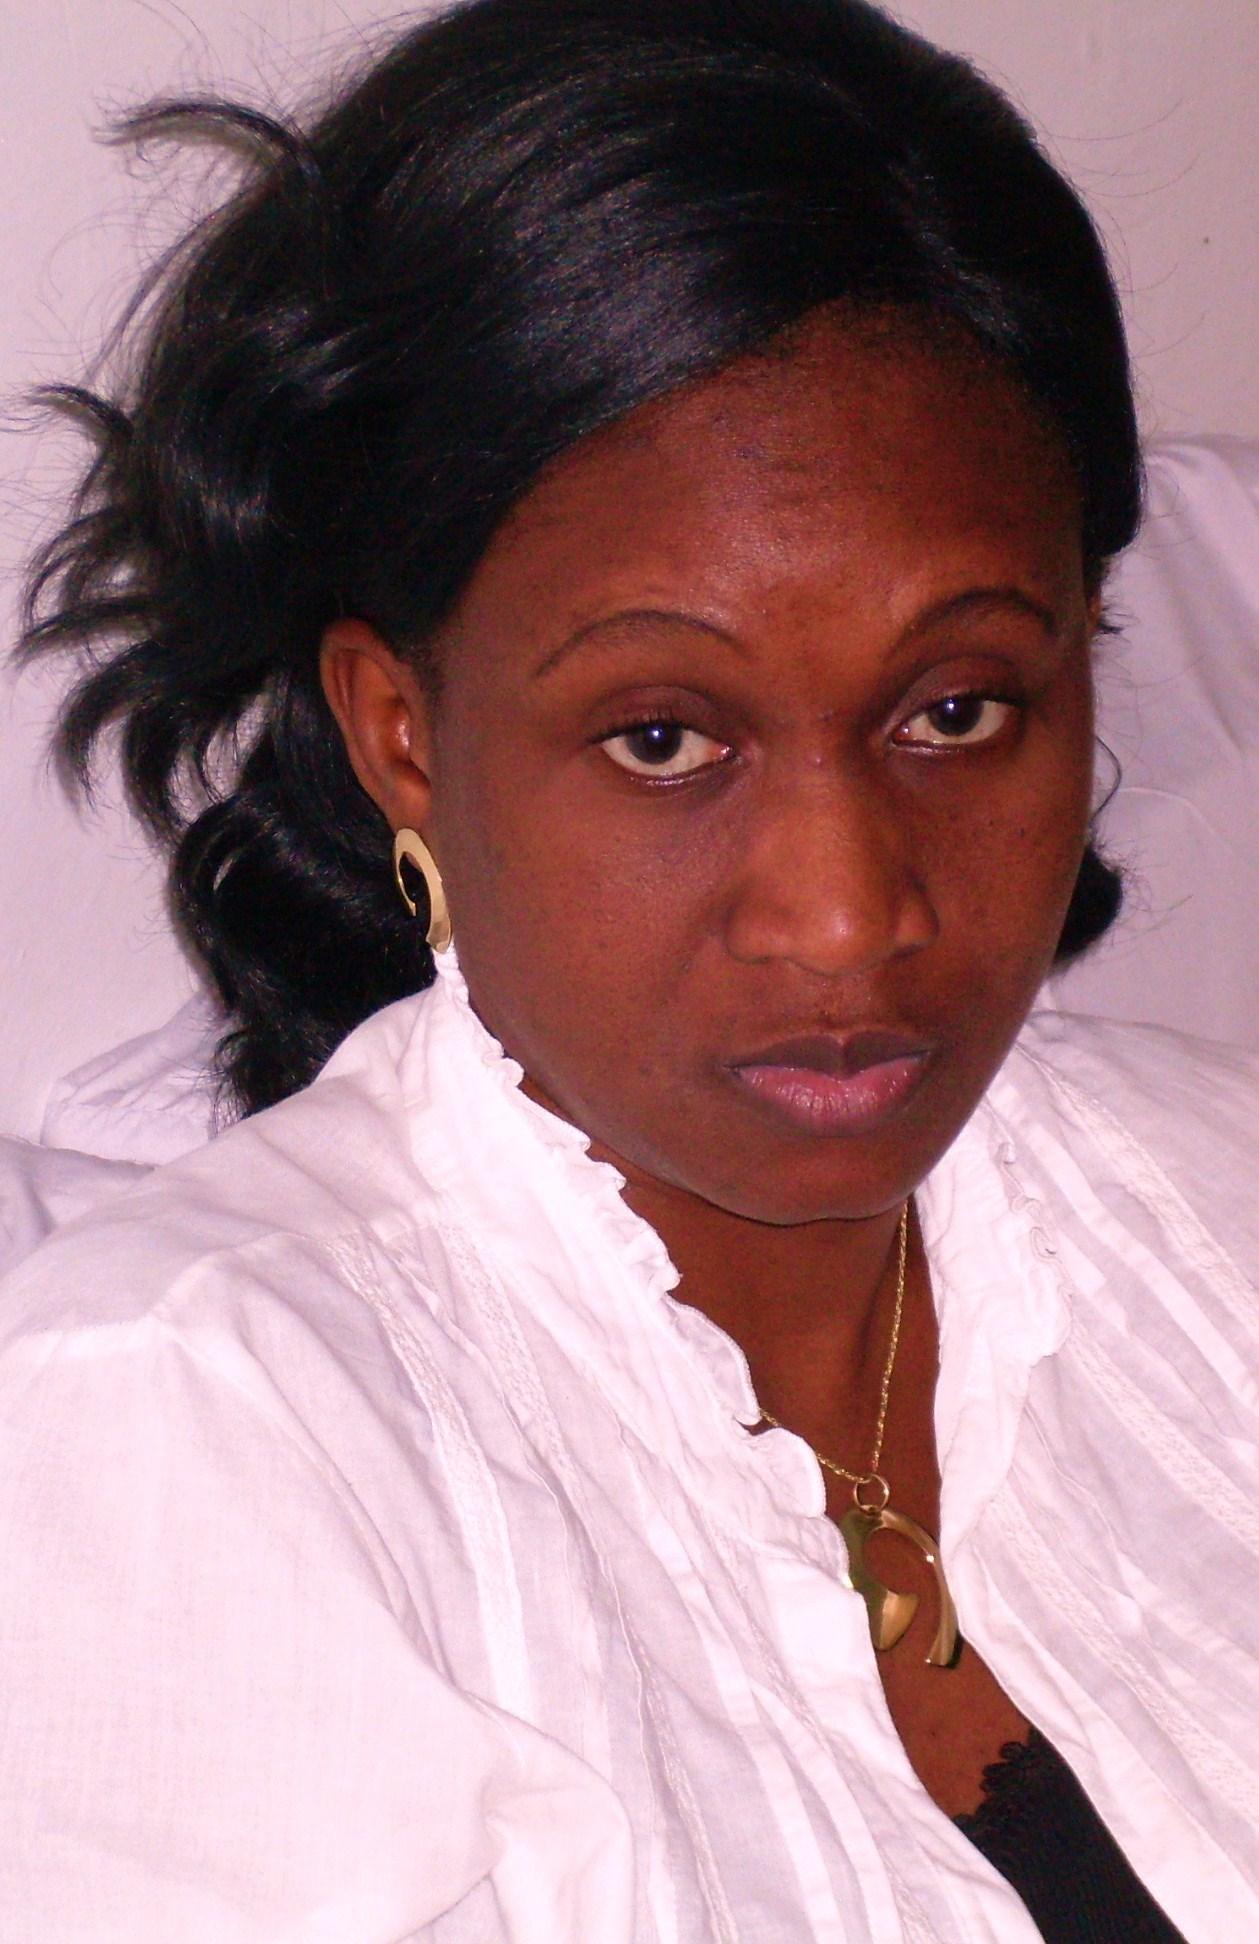 Dr. Moreikeji